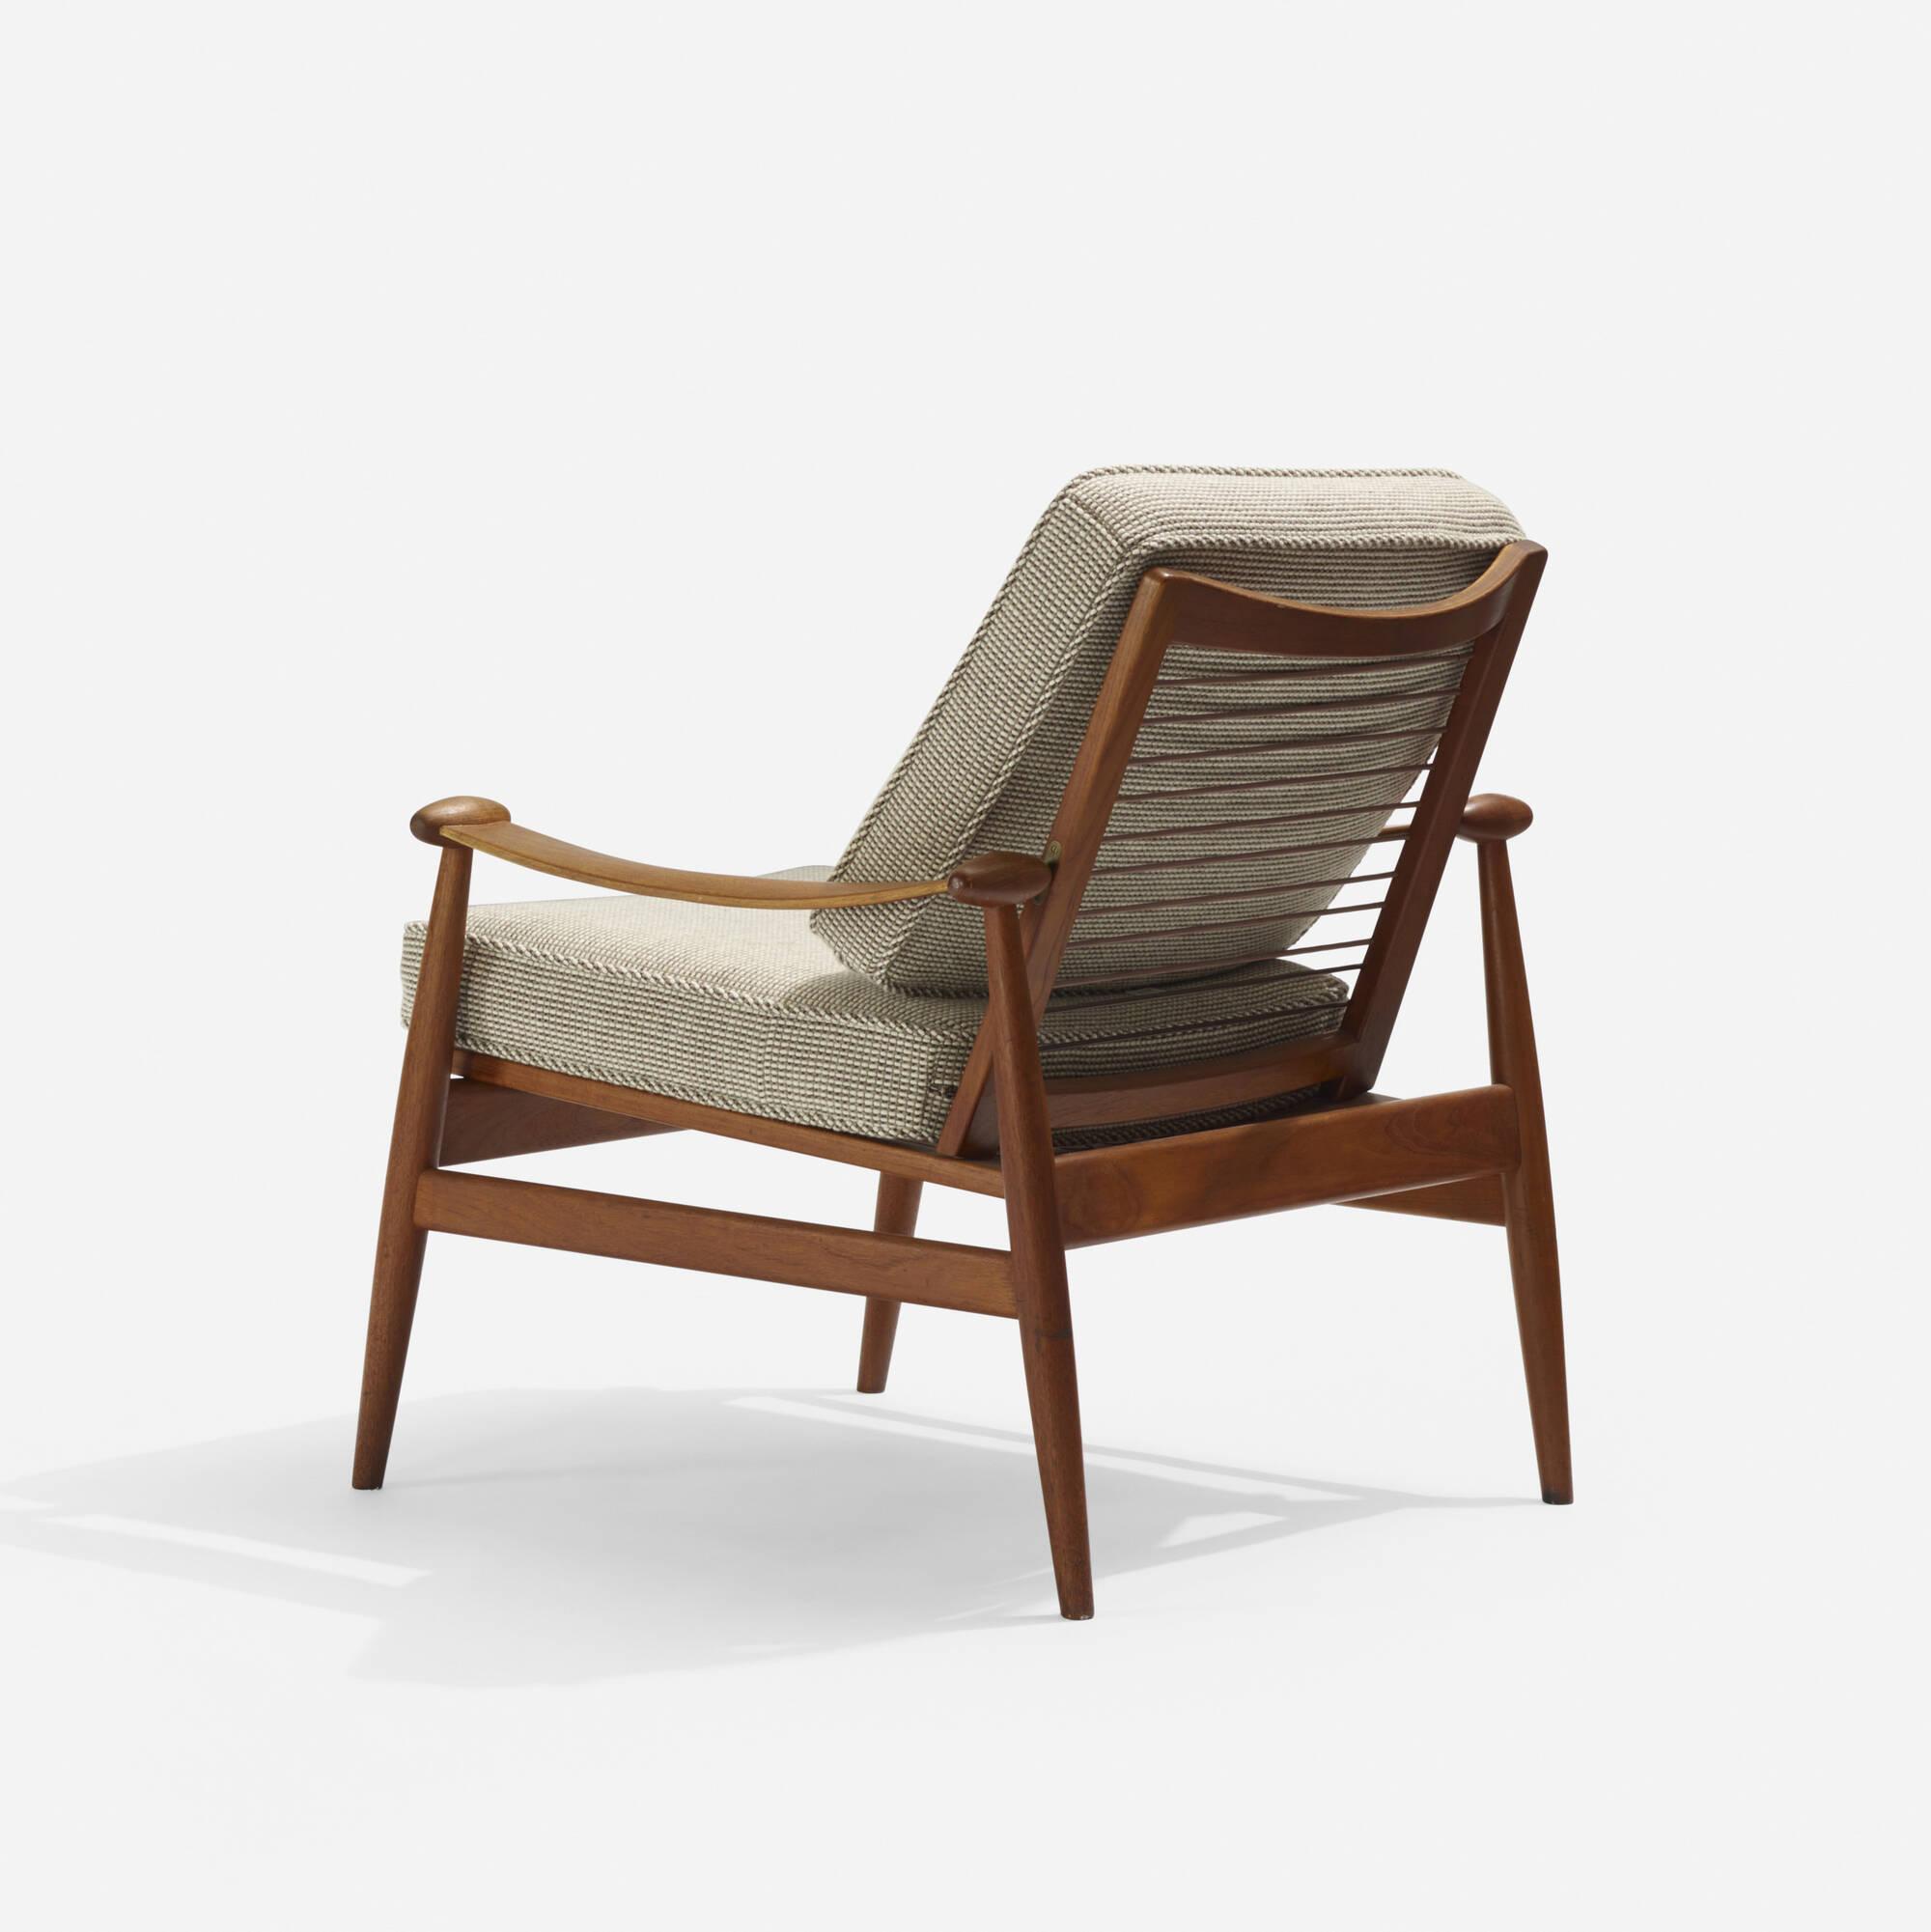 273: Finn Juhl / lounge chair (2 of 3)